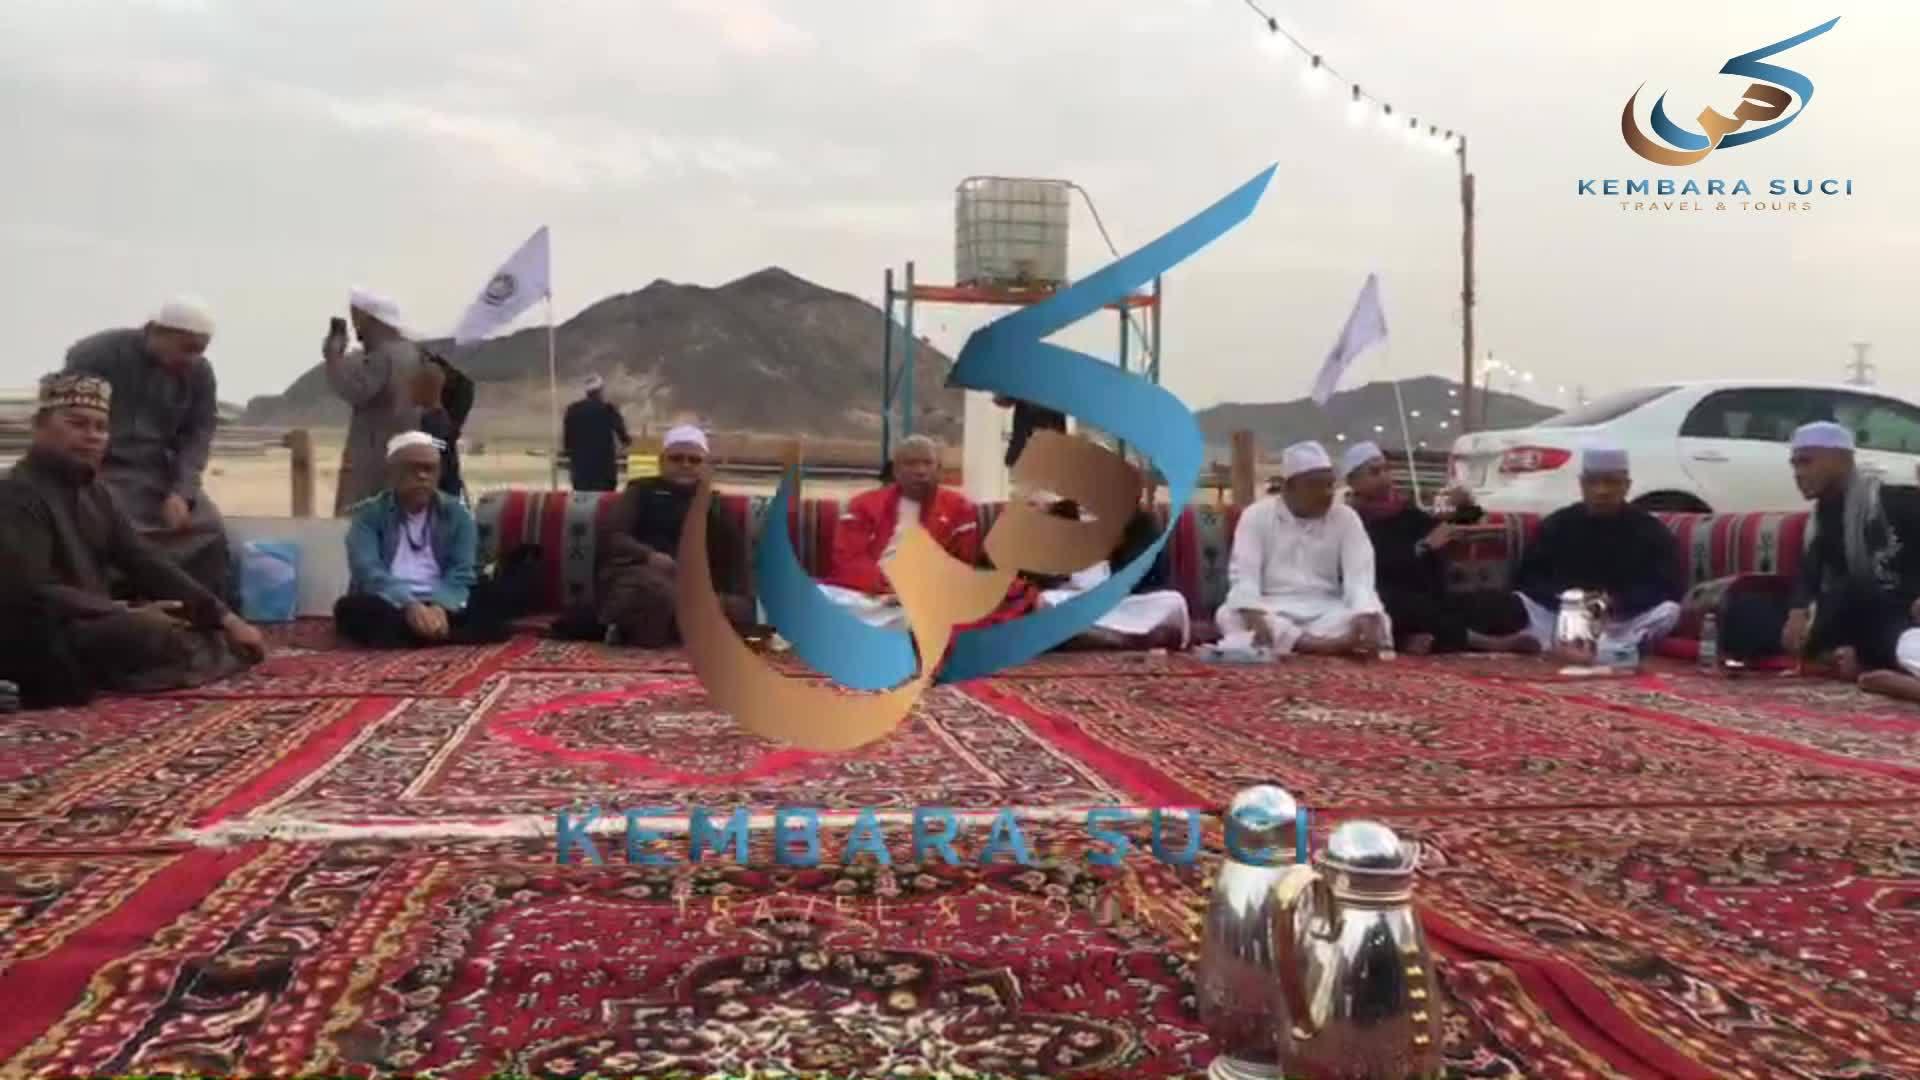 Program Santai Ke Padang Pasir Shumasi, Mekah